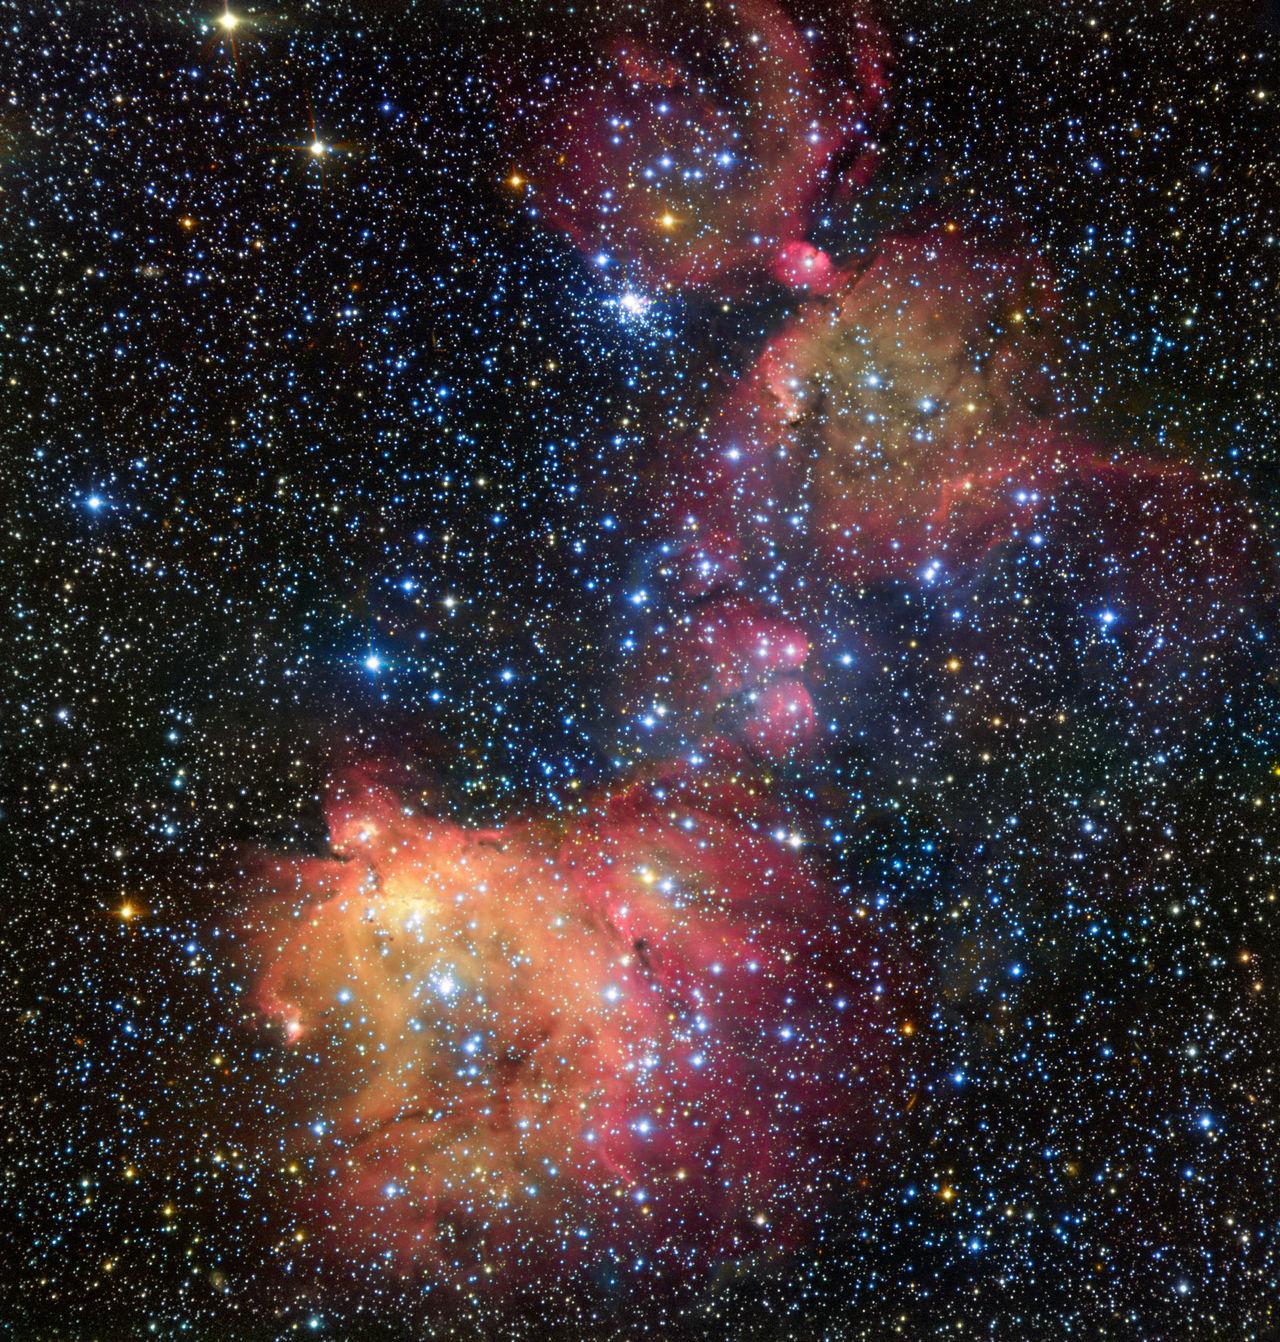 Väldigt vacker bild på nebulosan LHA 120-N55